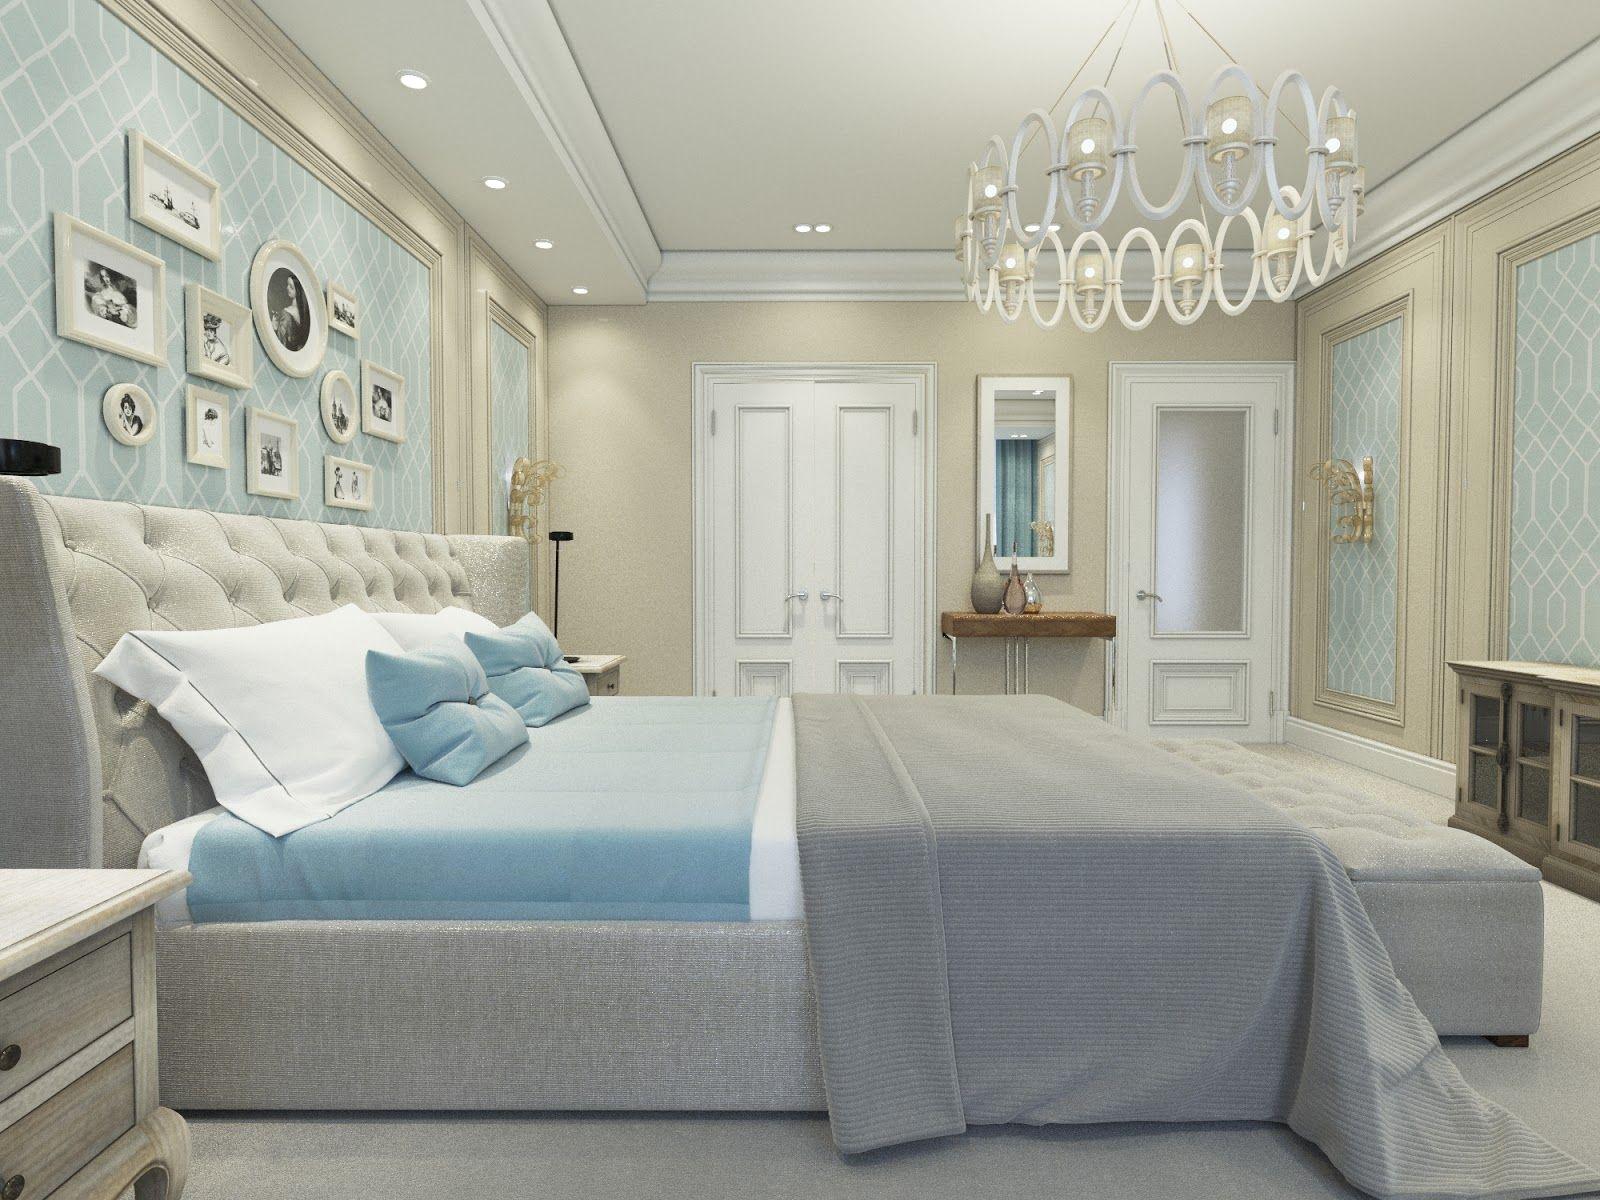 chọn giường lớn cho không gian rộng lớn